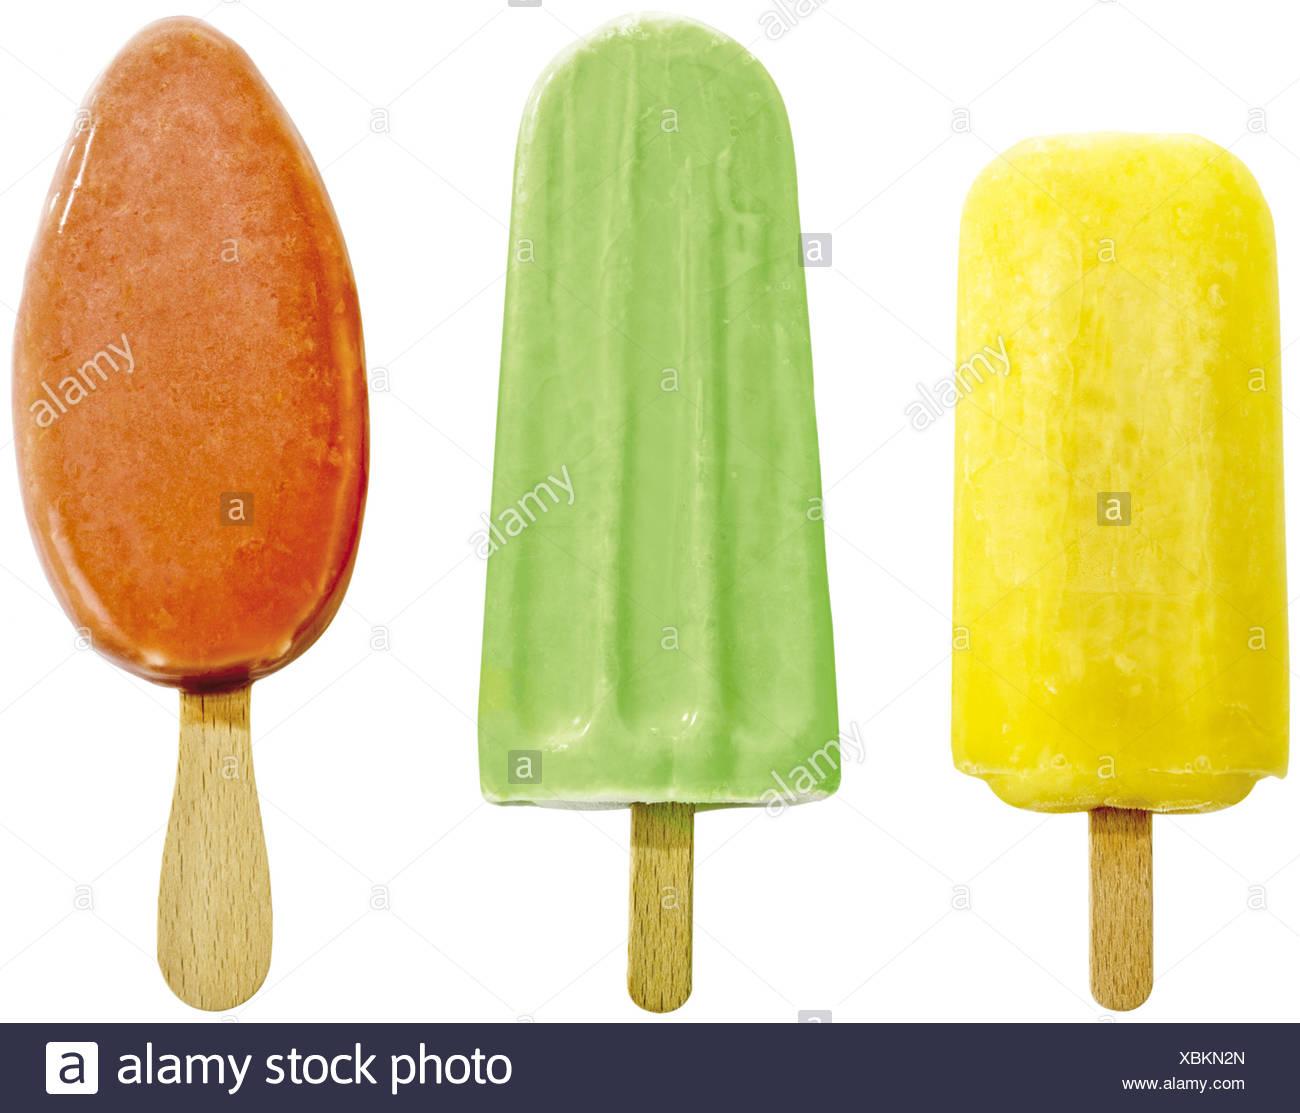 Eis am Stiel, drei Sorten Fruchteis - Stock Image